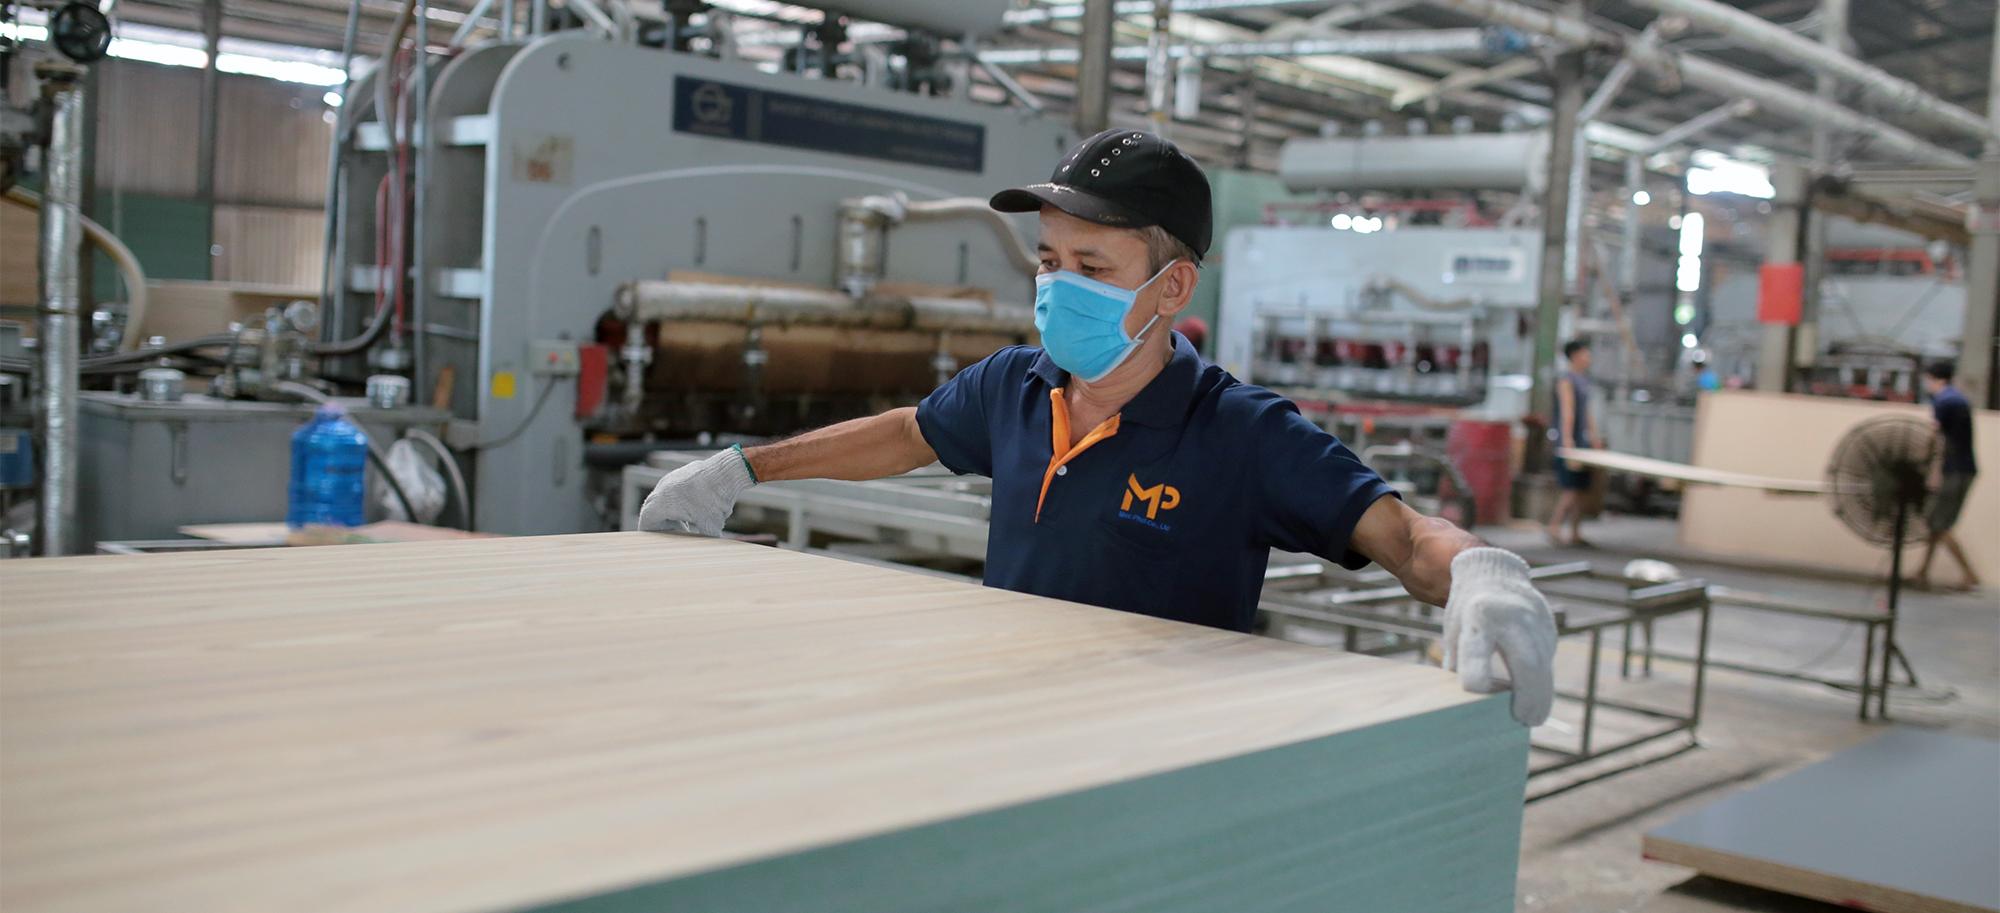 Kinh nghiệm mở xưởng sản xuất nội thất cho người mới bắt đầu 3